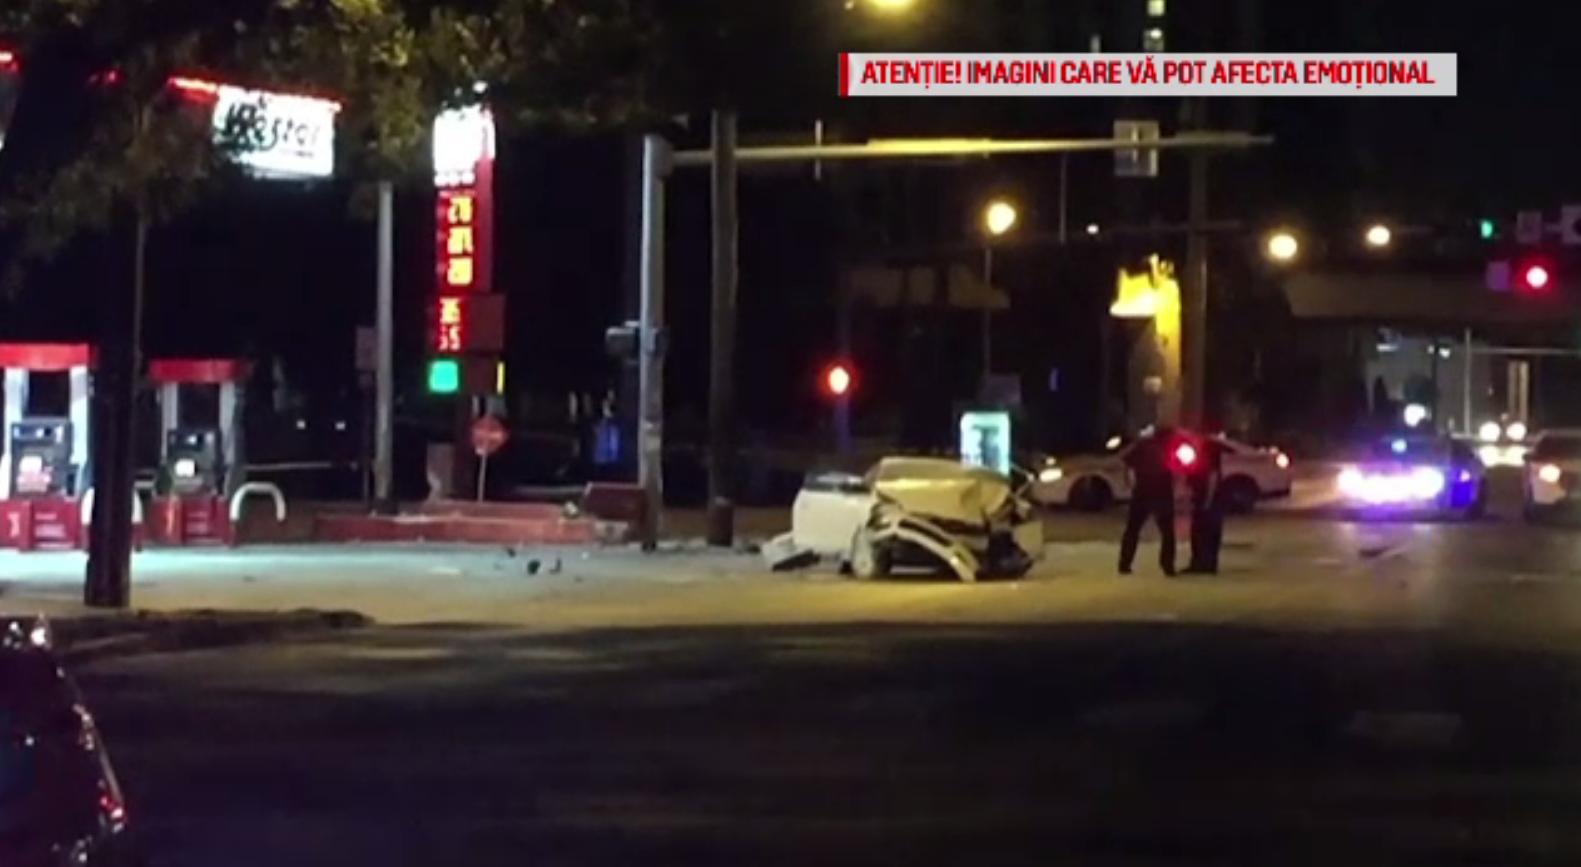 Șofer mort, după ce a pierdut controlul mașinii și s-a izbit puternic de un panou